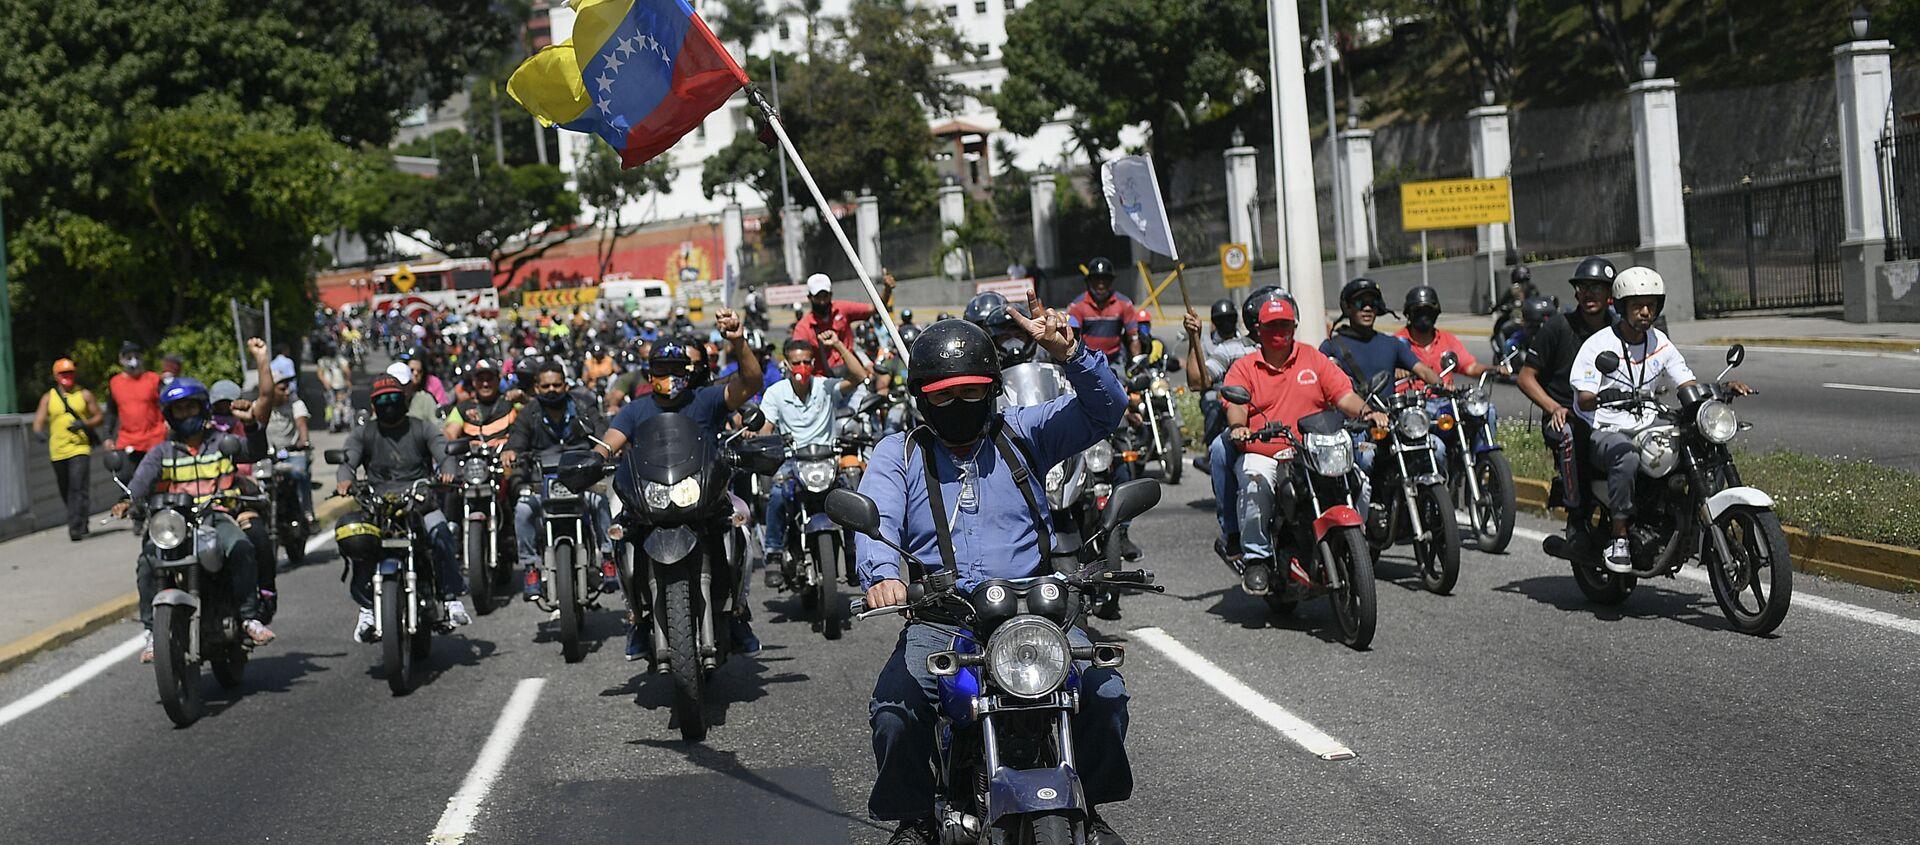 Simpatizantes del presidente Nicolás Maduro conducen en motocicleta cerca del Palacio de Miraflores. Caracas, 12 de diciembre de 2020 - Sputnik Mundo, 1920, 27.01.2021